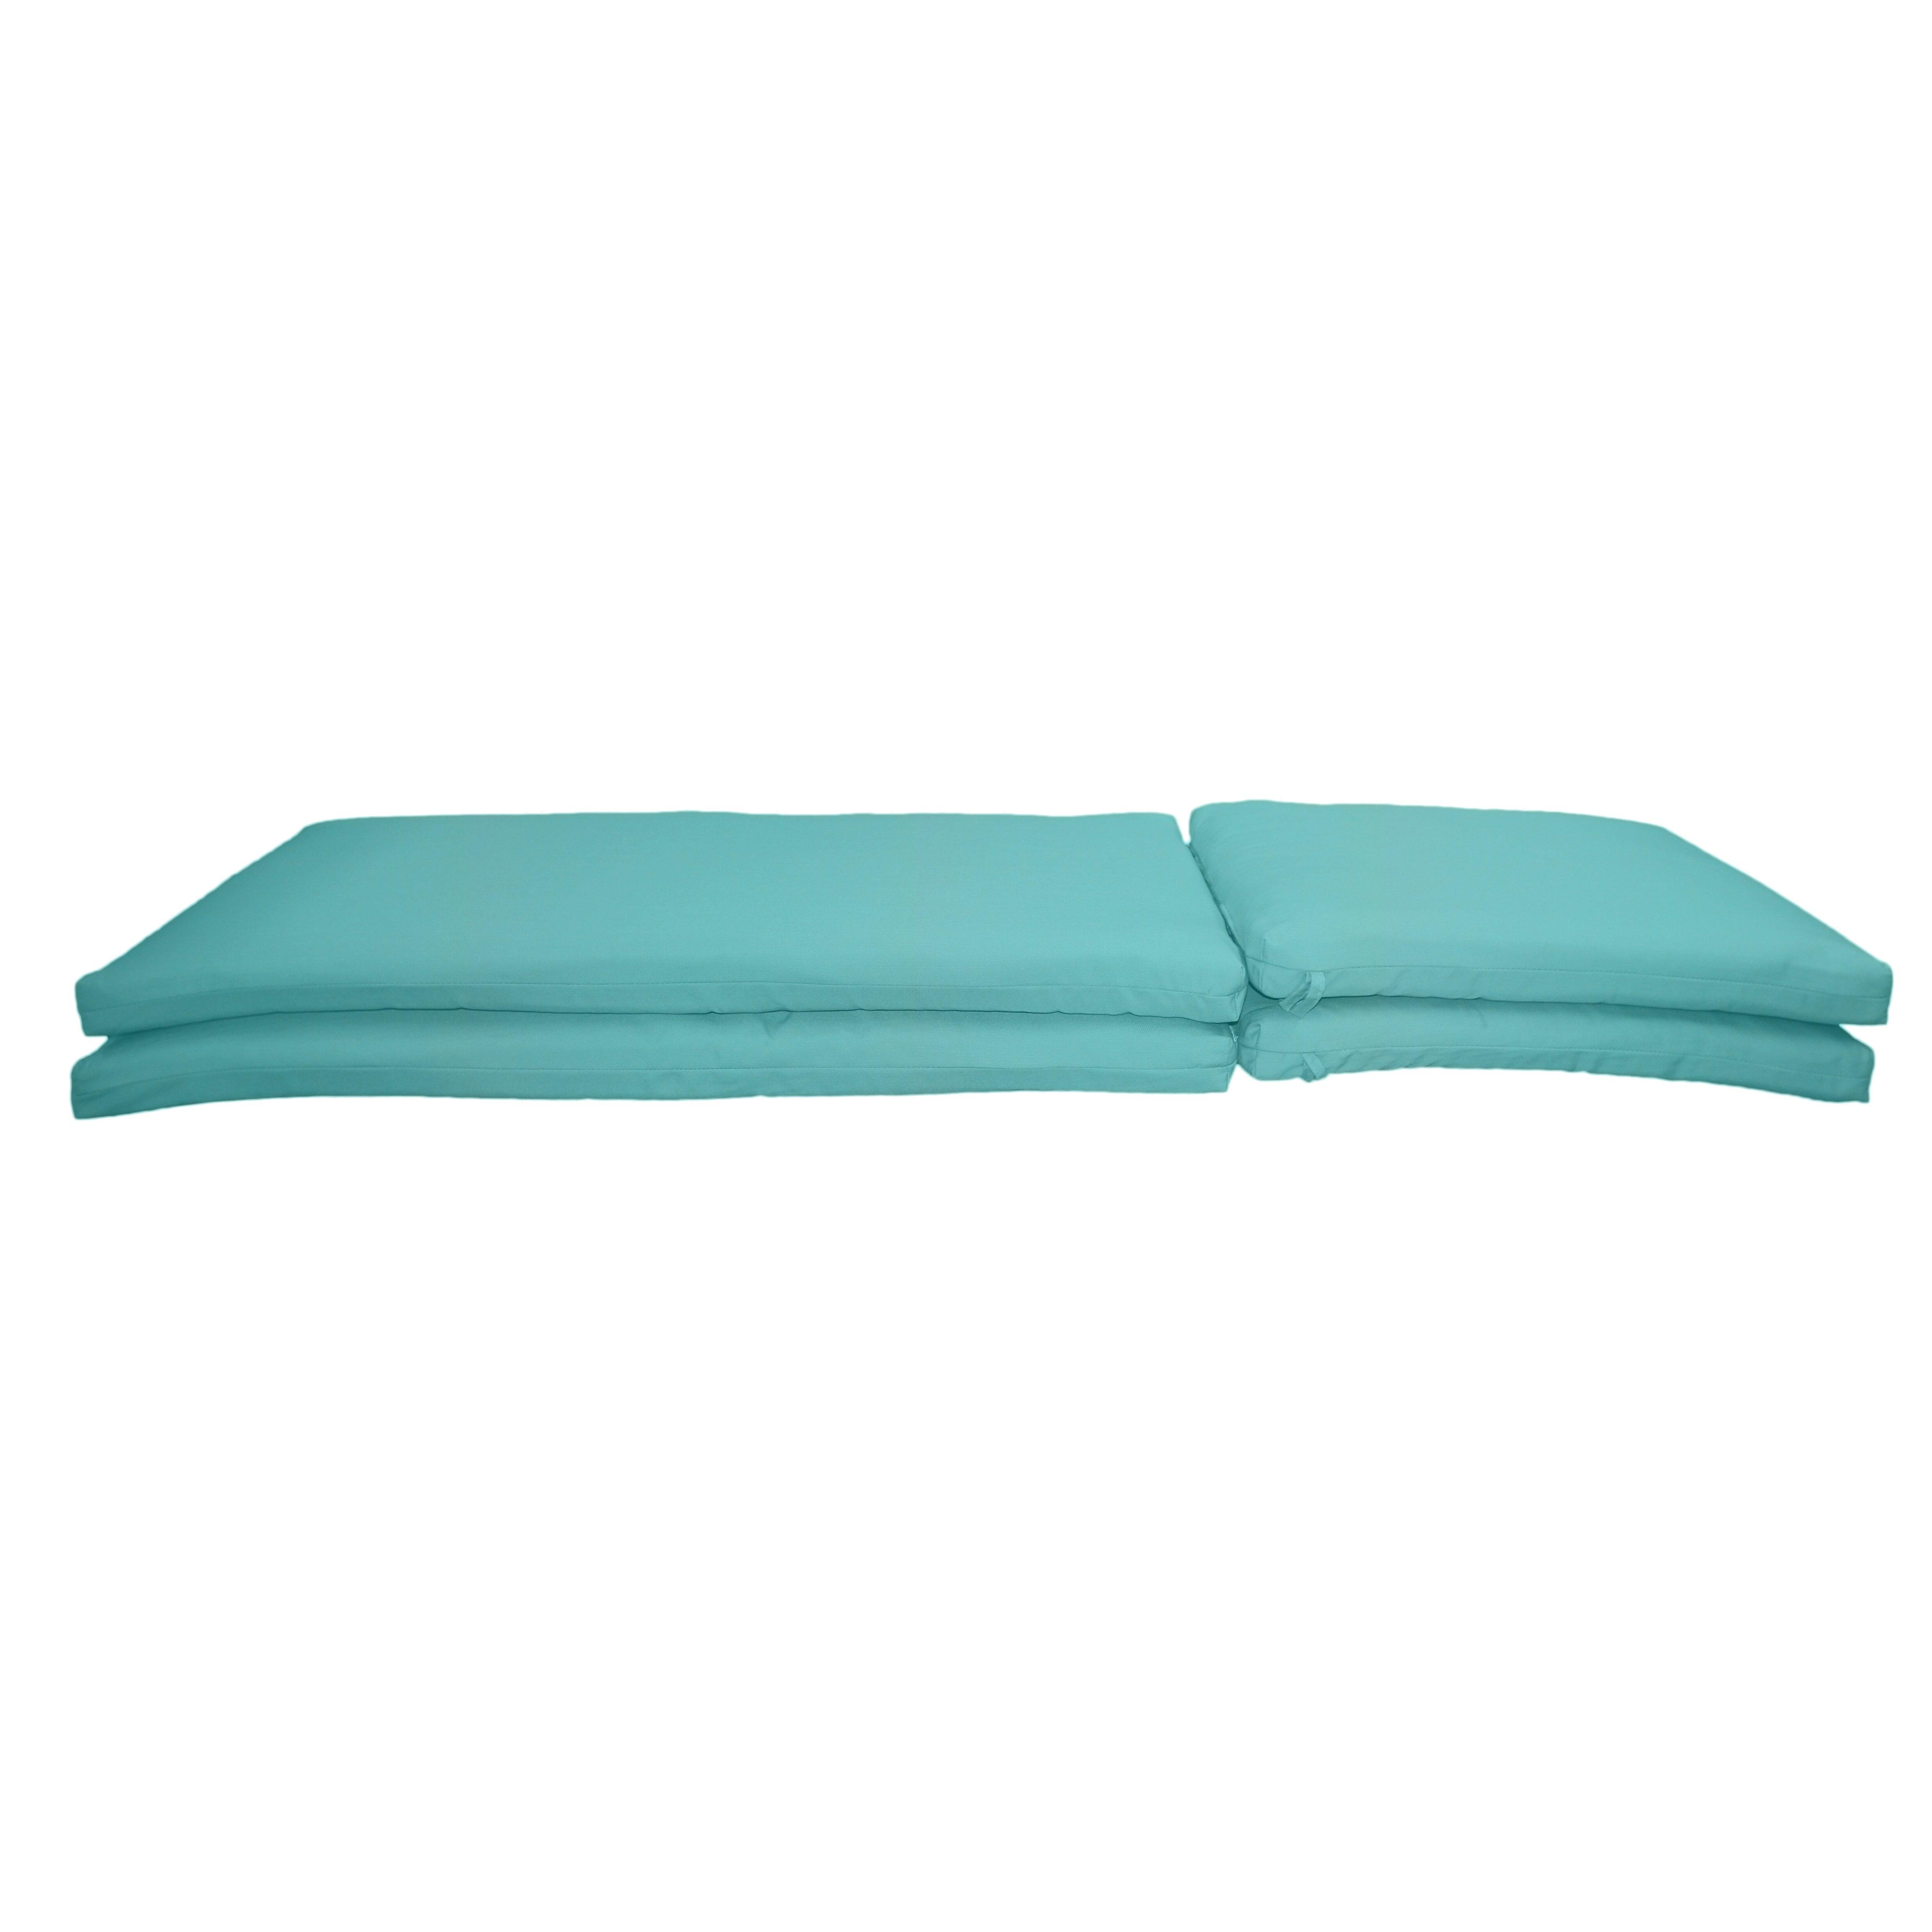 Bellini outdoor sunbrella chaise lounge cushion reviews for Chaise cushions sunbrella